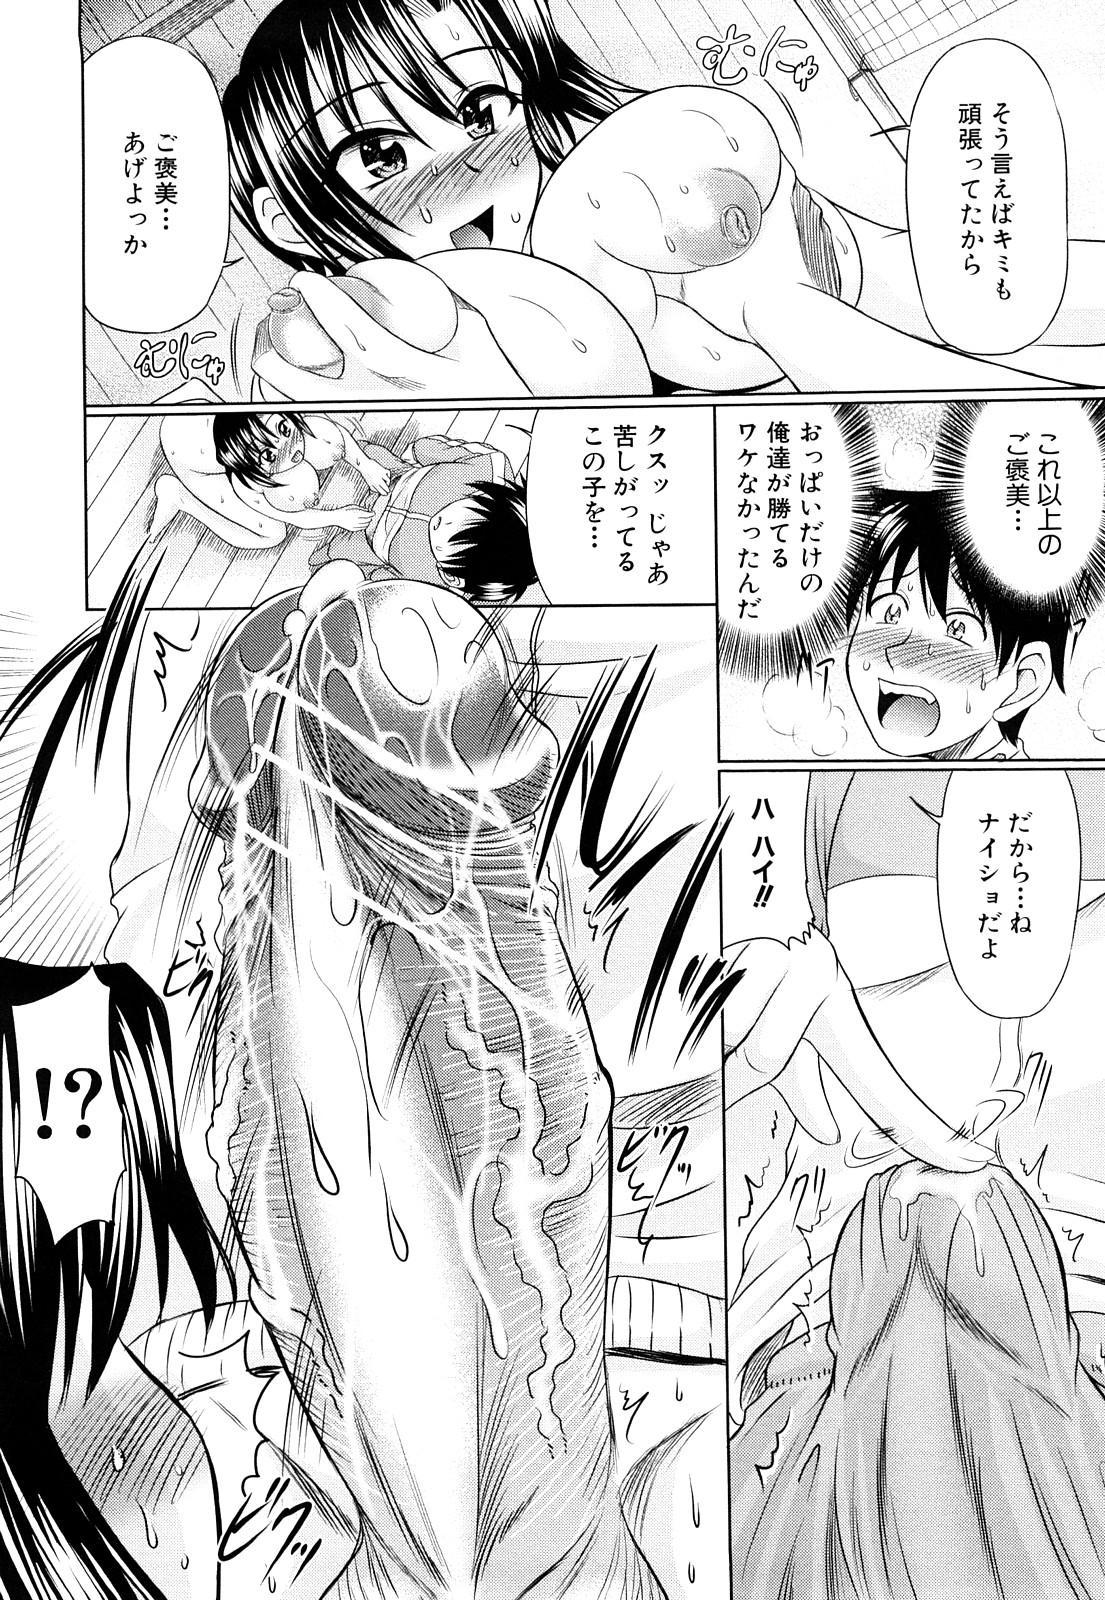 Nikuyoku Analyze 176